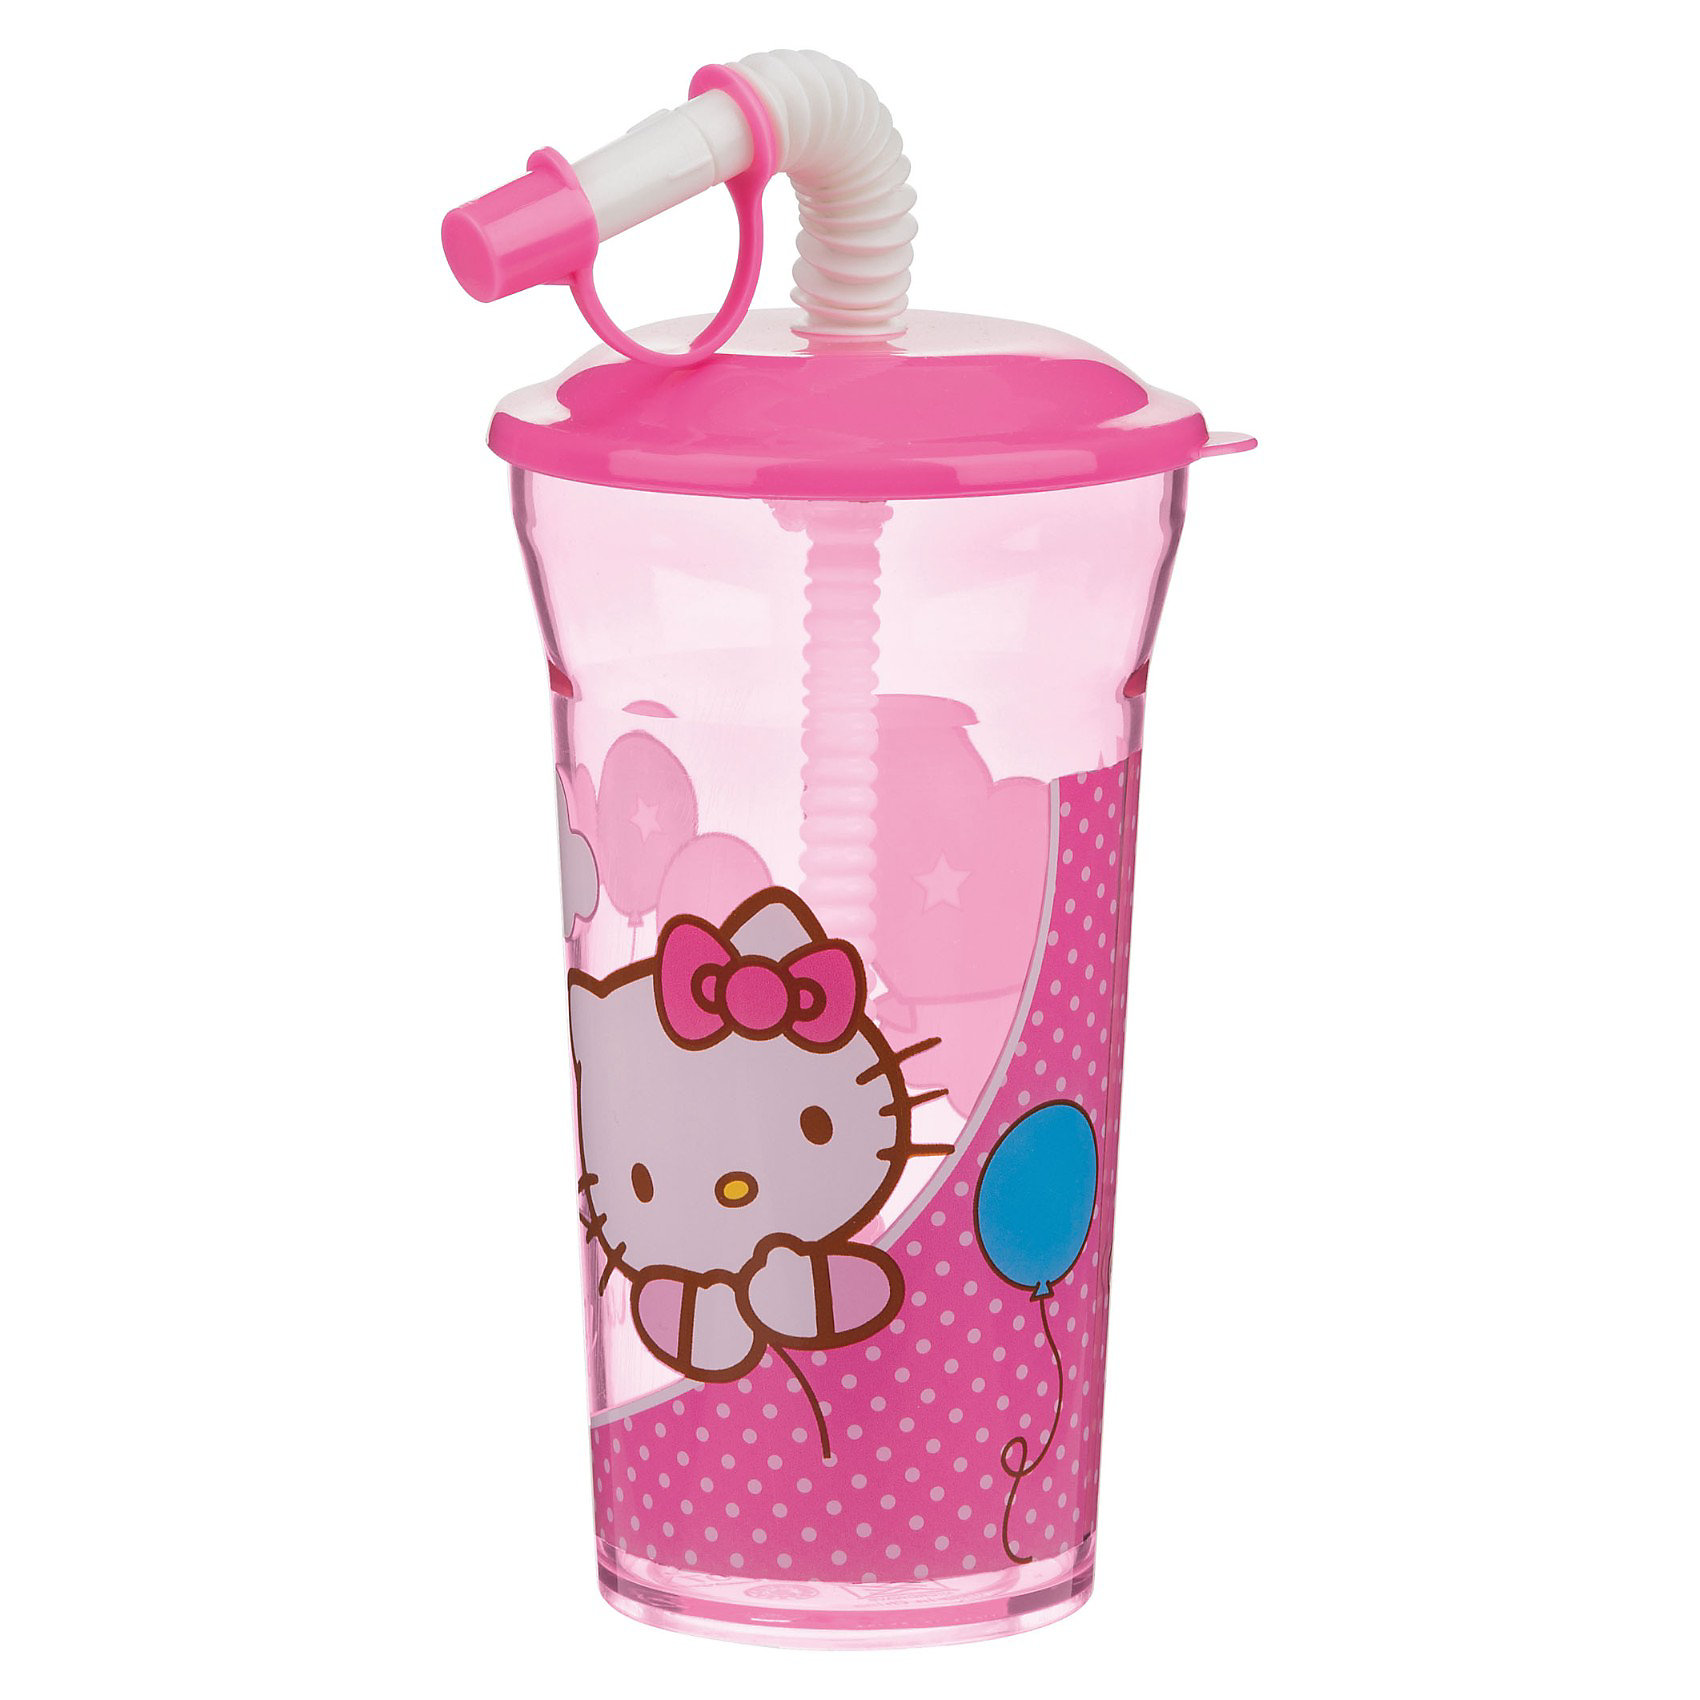 Стакан с крышкой и соломинкой (350 мл), Hello KittyСтакан с крышкой и соломинкой Hello Kitty (Хэллоу Китти) порадует всех юных любительниц популярной белой кошечки. Стакан выполнен из безопасного пищевого пластика, имеет стильный дизайн и украшен изображением симпатичной кошечки Hello Kitty. Наличие соломинки и крышки делает его особенно удобным для использования ребенком.<br><br>Дополнительная информация:<br><br>- Материал: пищевой пластик.<br>- Объем: 350 мл.<br>- Размер: 18 х 9,5 х 33 см.<br>- Вес: 50 гр.<br><br>Стакан с крышкой и соломинкой (350 мл), Hello Kitty можно купить в нашем интернет-магазине.<br><br>Ширина мм: 180<br>Глубина мм: 75<br>Высота мм: 95<br>Вес г: 50<br>Возраст от месяцев: 36<br>Возраст до месяцев: 120<br>Пол: Женский<br>Возраст: Детский<br>SKU: 3681248